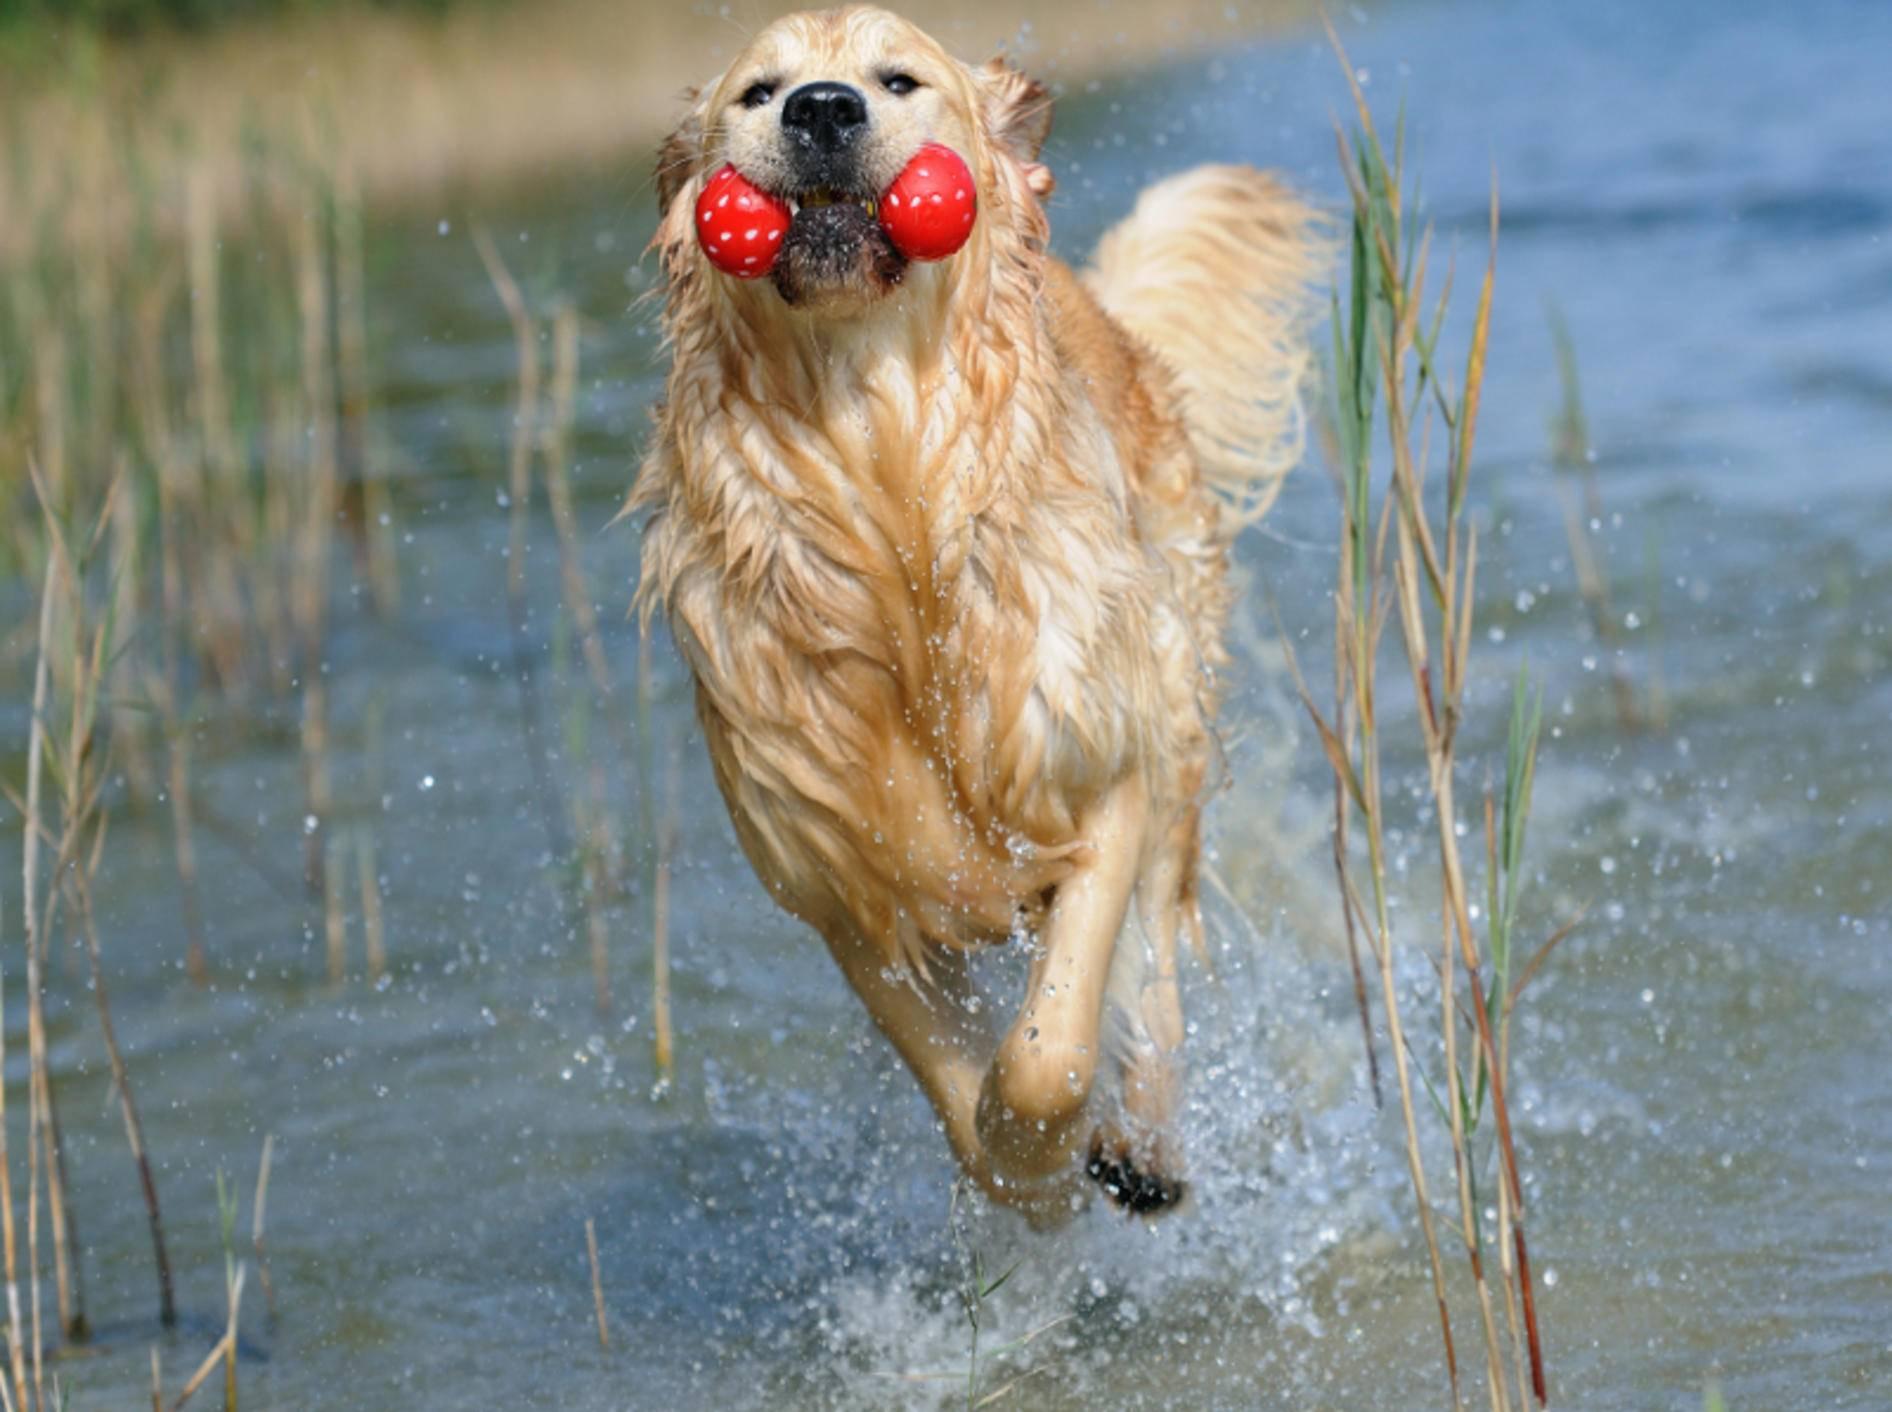 Plitsch, Platsch! Dieser Hund hat Spaß im Wasser – Shutterstock / AnetaPics